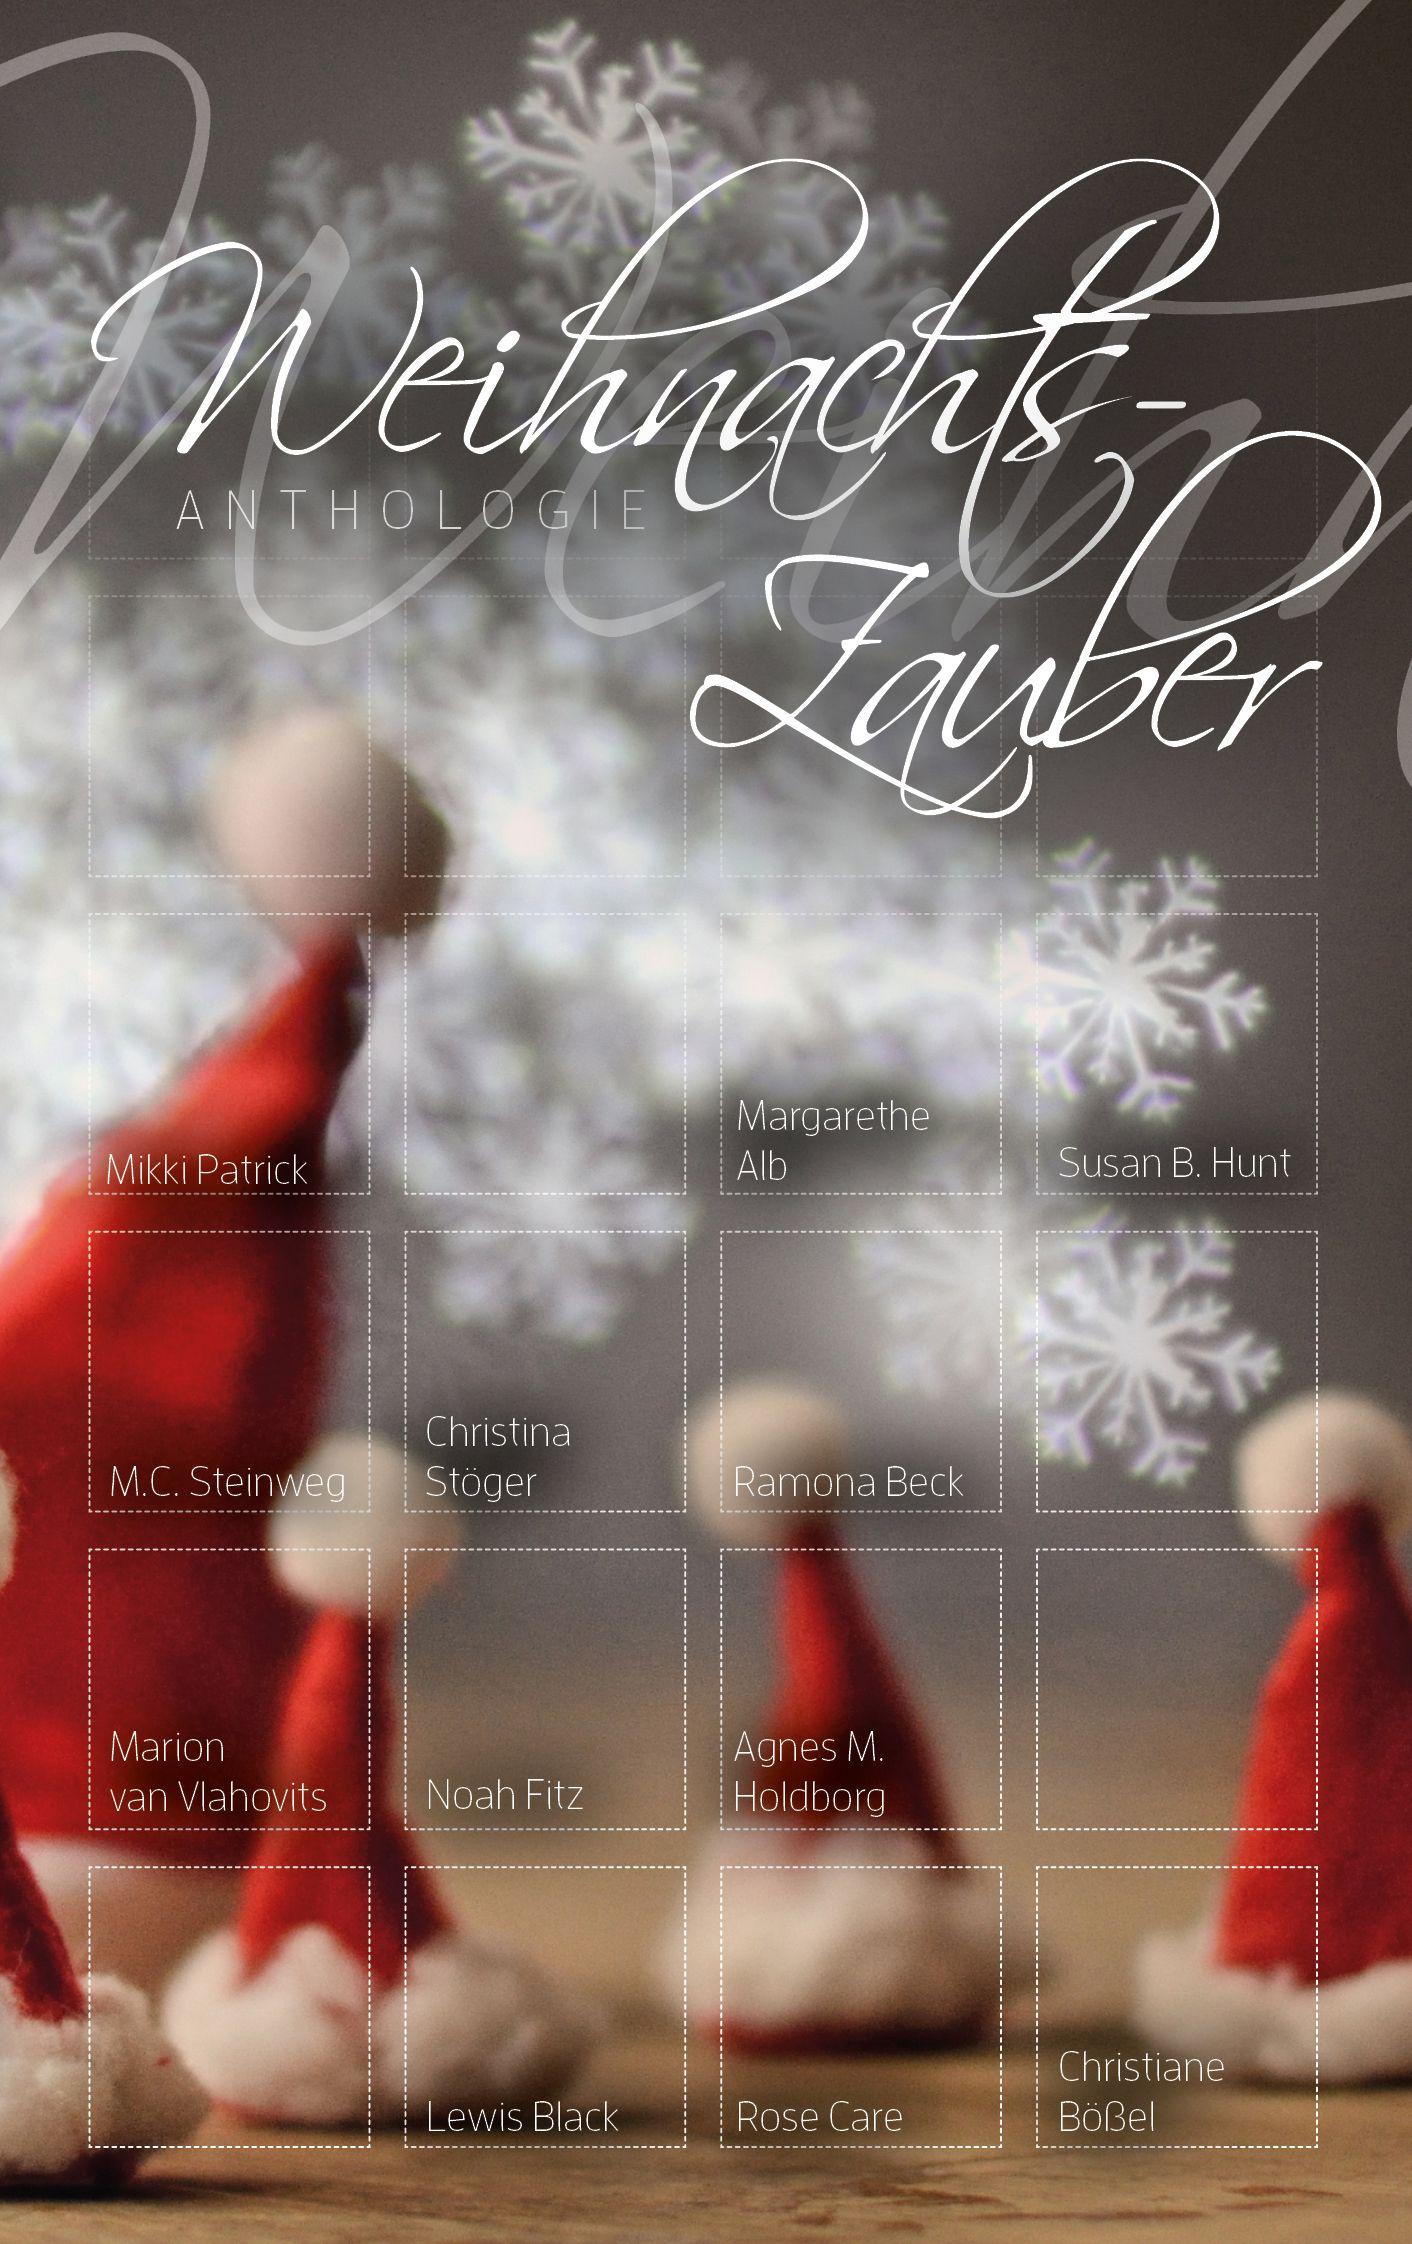 Unsere Weihnachtsanthologie zugunsten des Kinderhospiz Mitteldeutschland e.V. Coverart by Christoph Herbaty